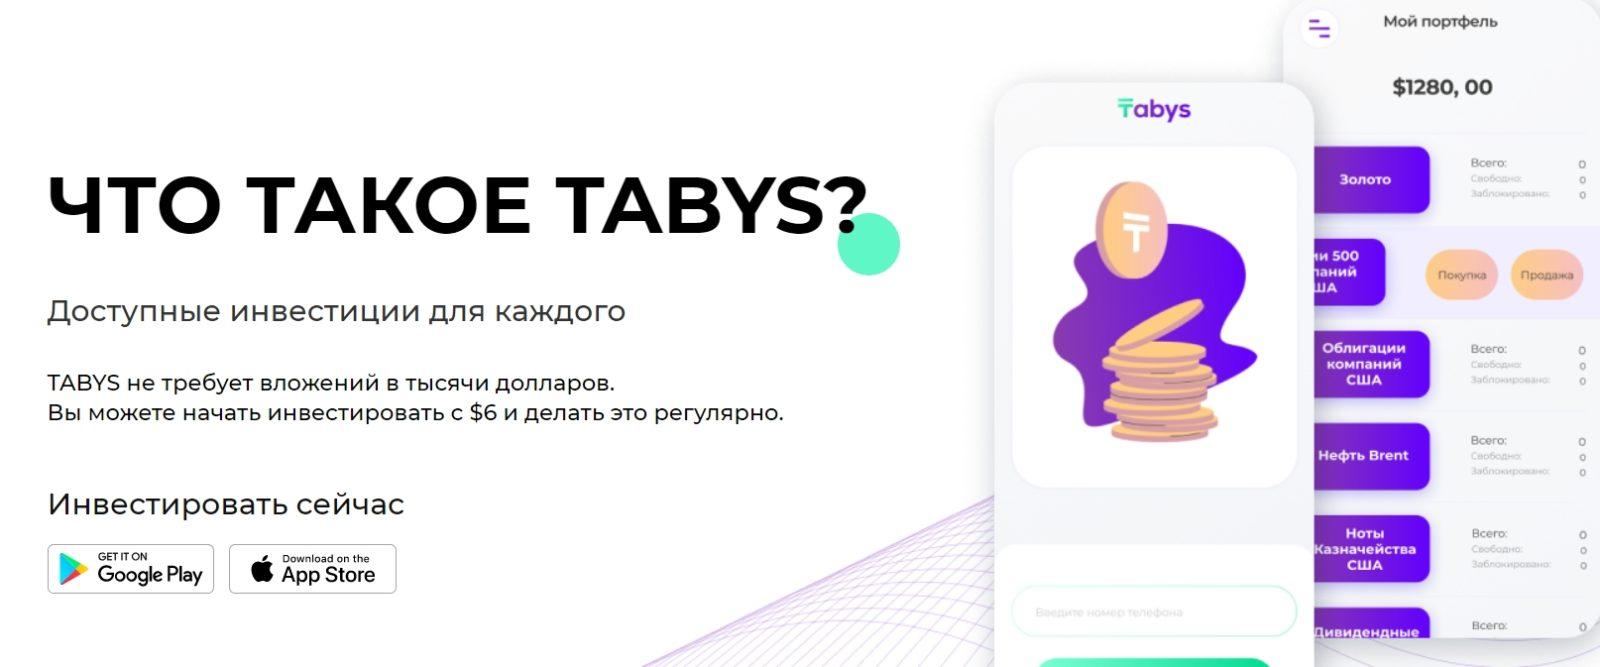 TABYS - мобильное приложение для инвестиций